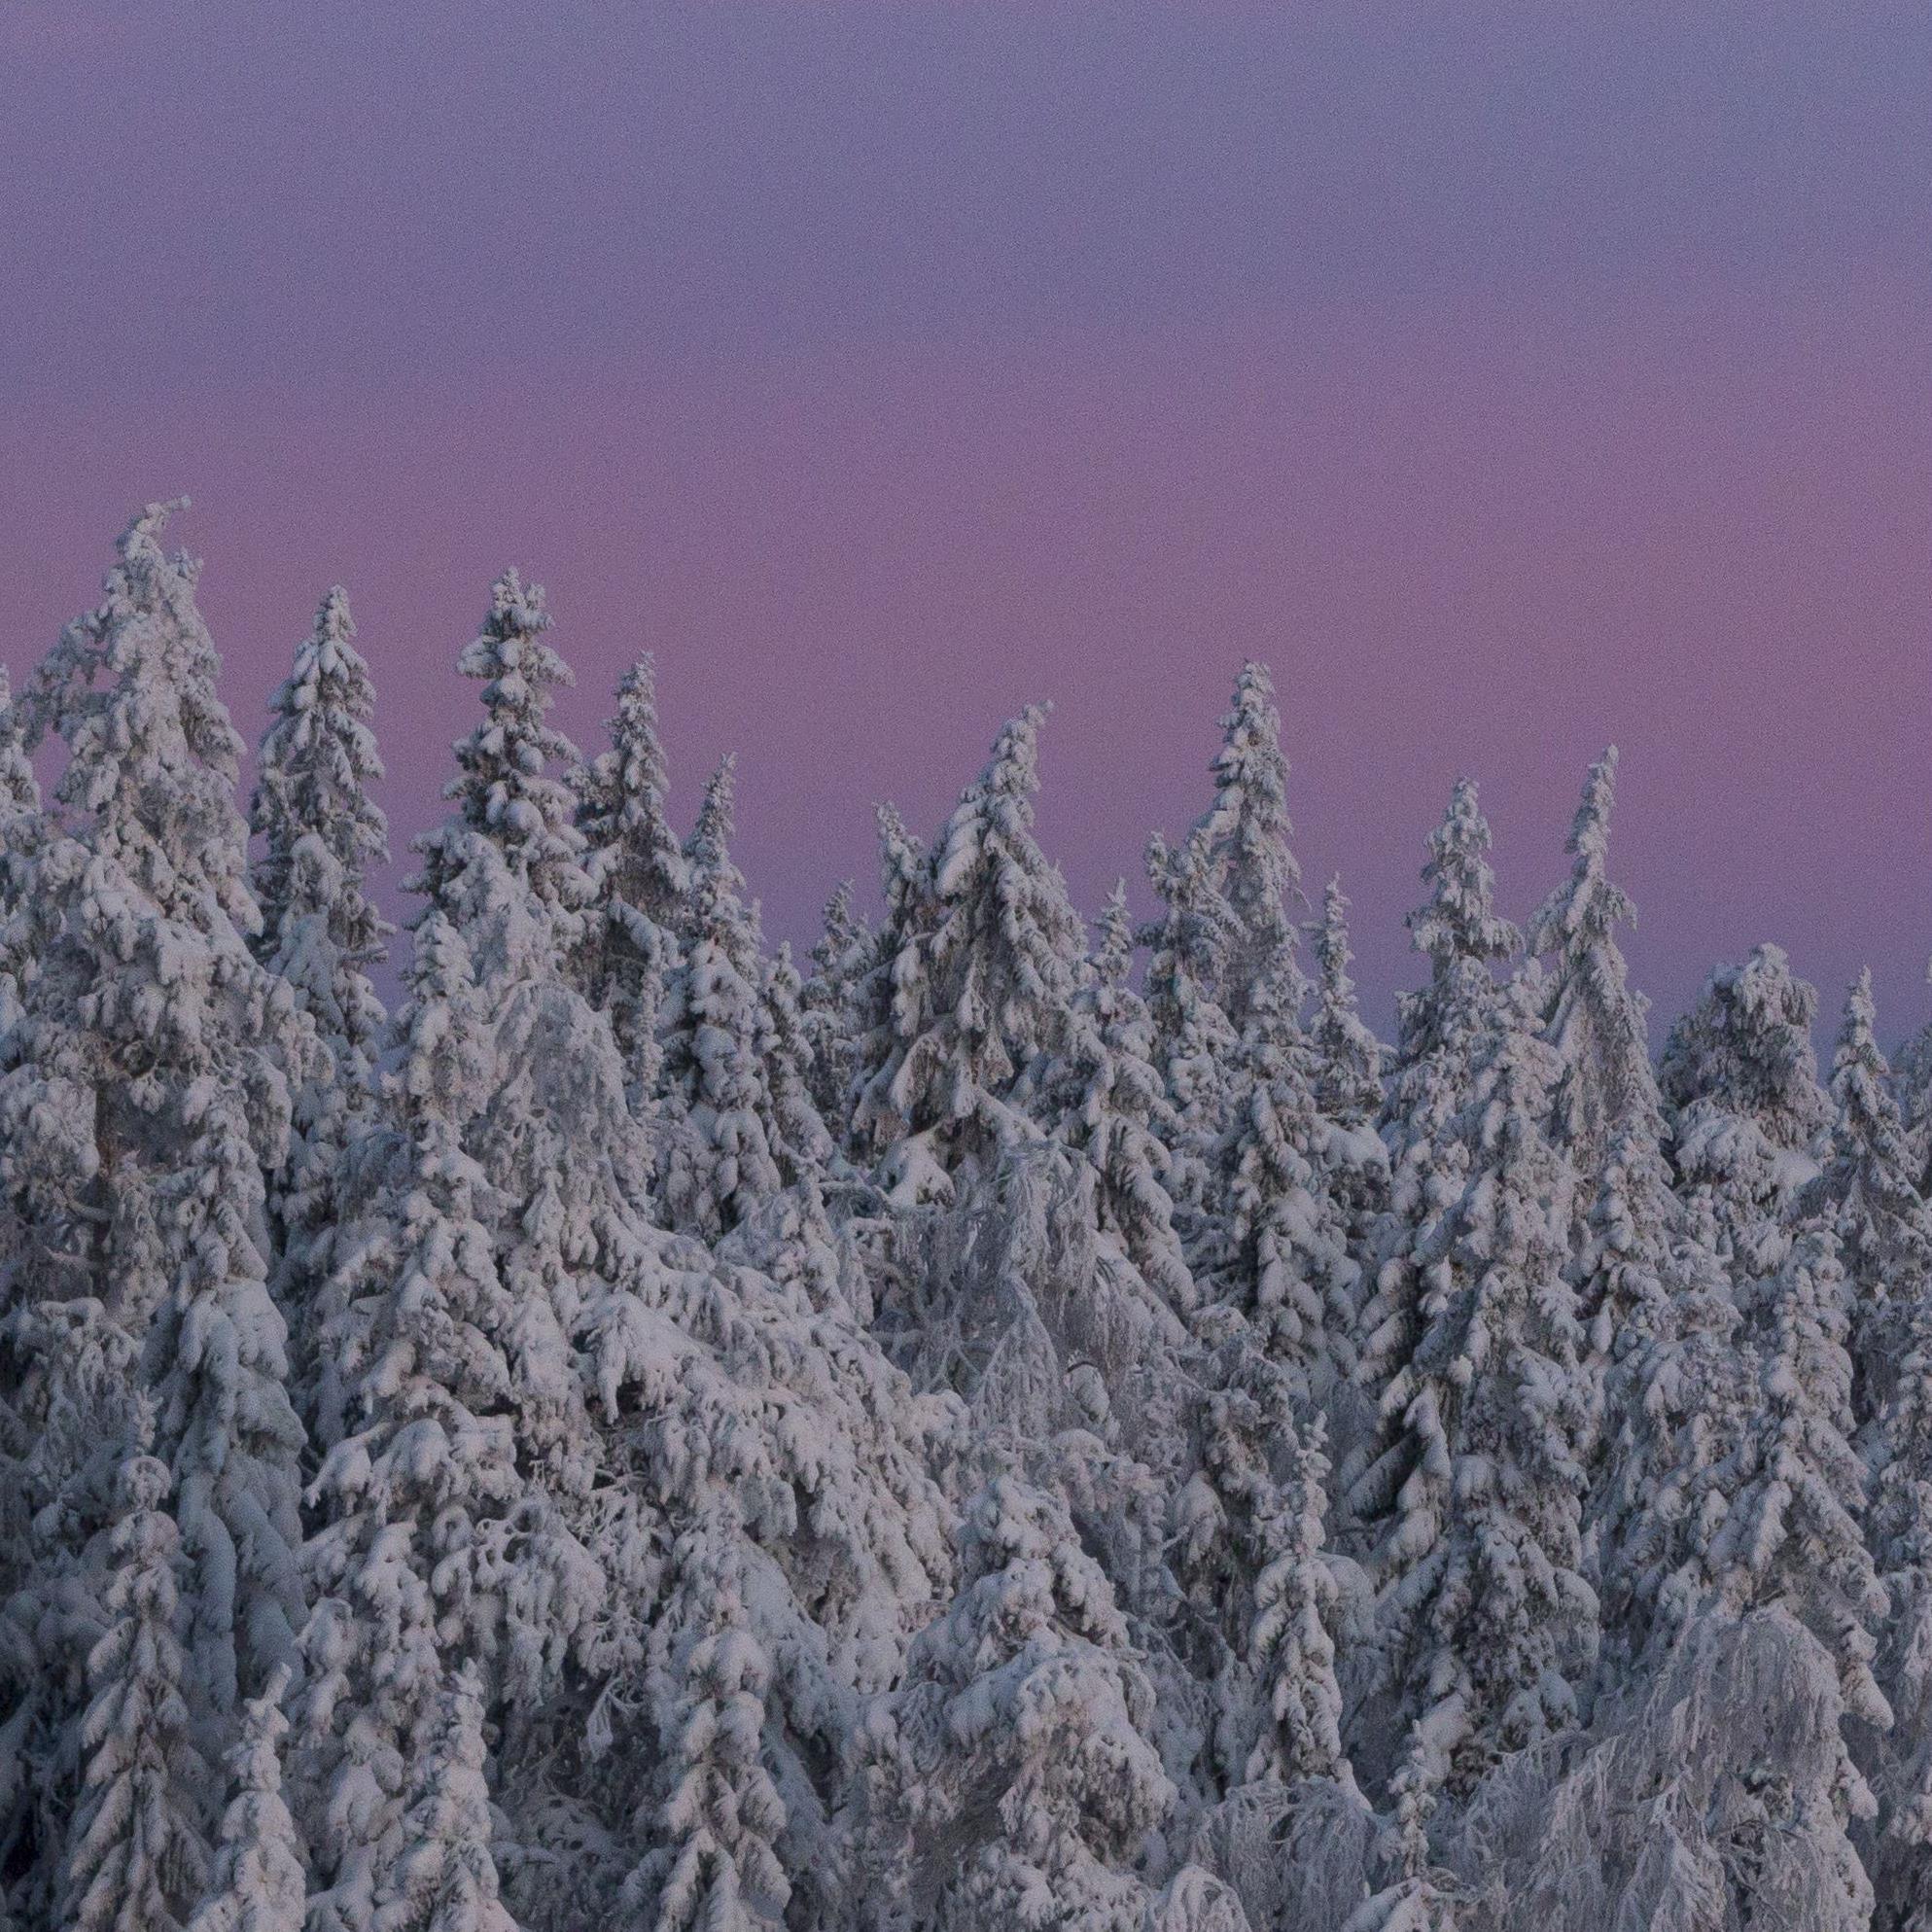 Fotoutställning - Skyddad natur i Dalarna av Alfred Björklund